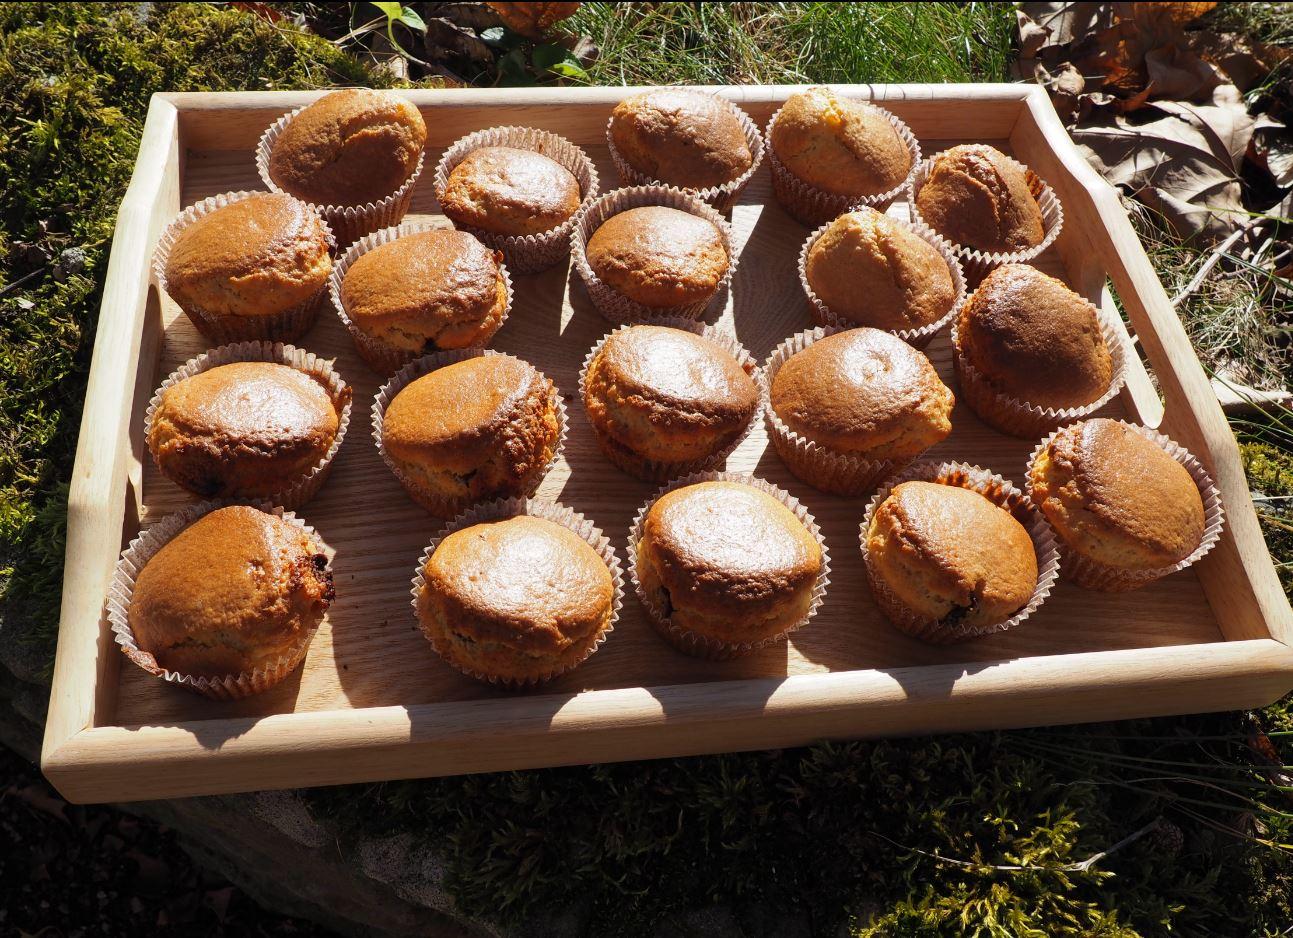 Muffins De Chez Marmiton La Passion Au Bout Des Doigts Le Nouveau